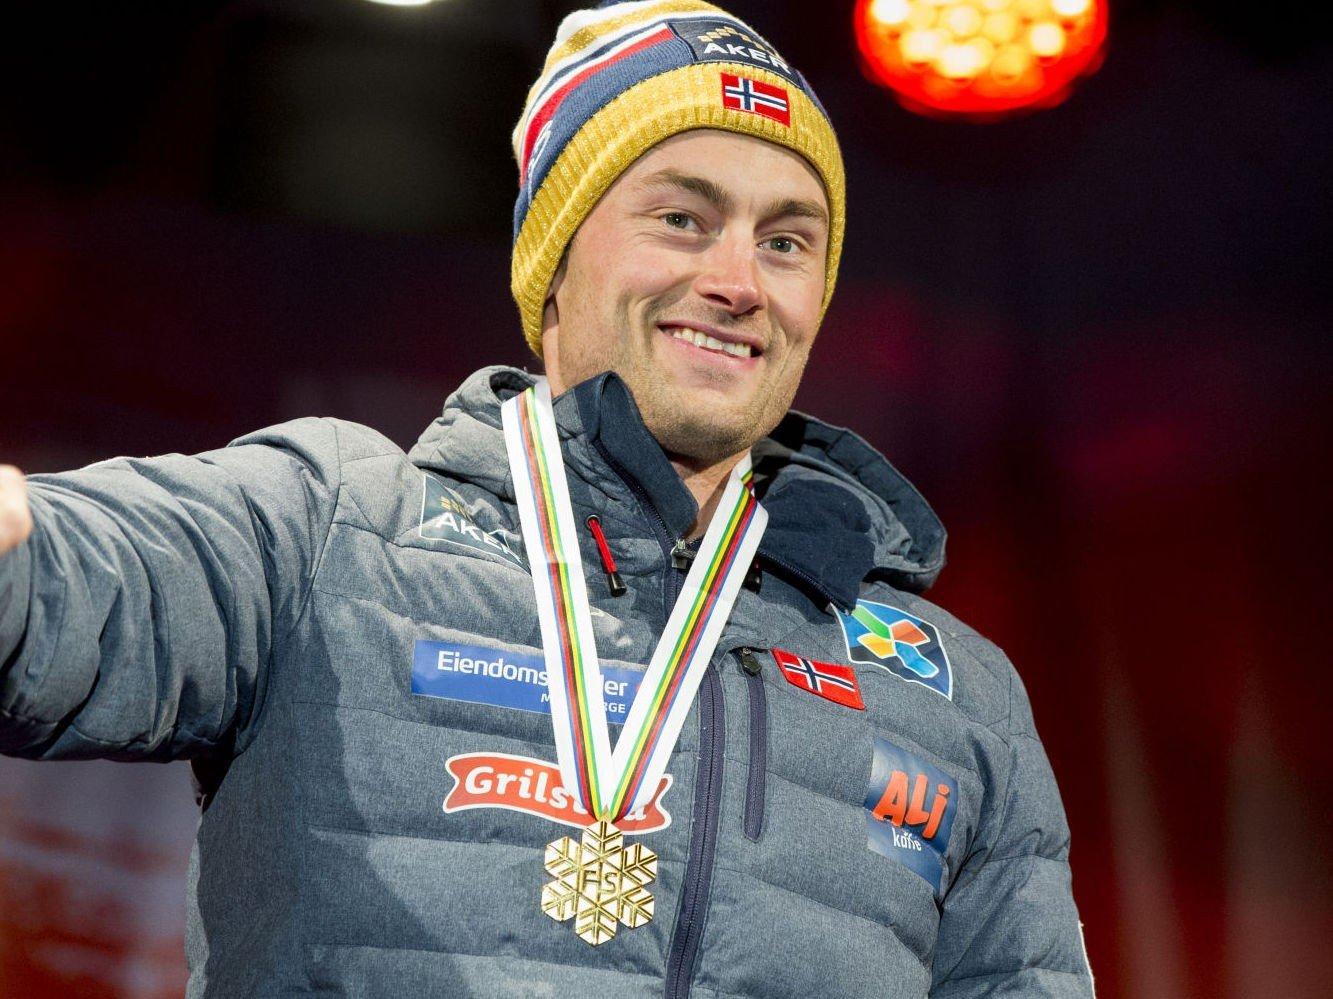 - Northugs markedsverdi har økt kraftig. Northug har overgått det optimale igjen. Han er ikke bare tilbake, men han kan være høyere oppe enn noensinne, sier Lasse Gimnes om Petter Northug, som her mottar gullet for sprintseiren sist torsdag i Falun.